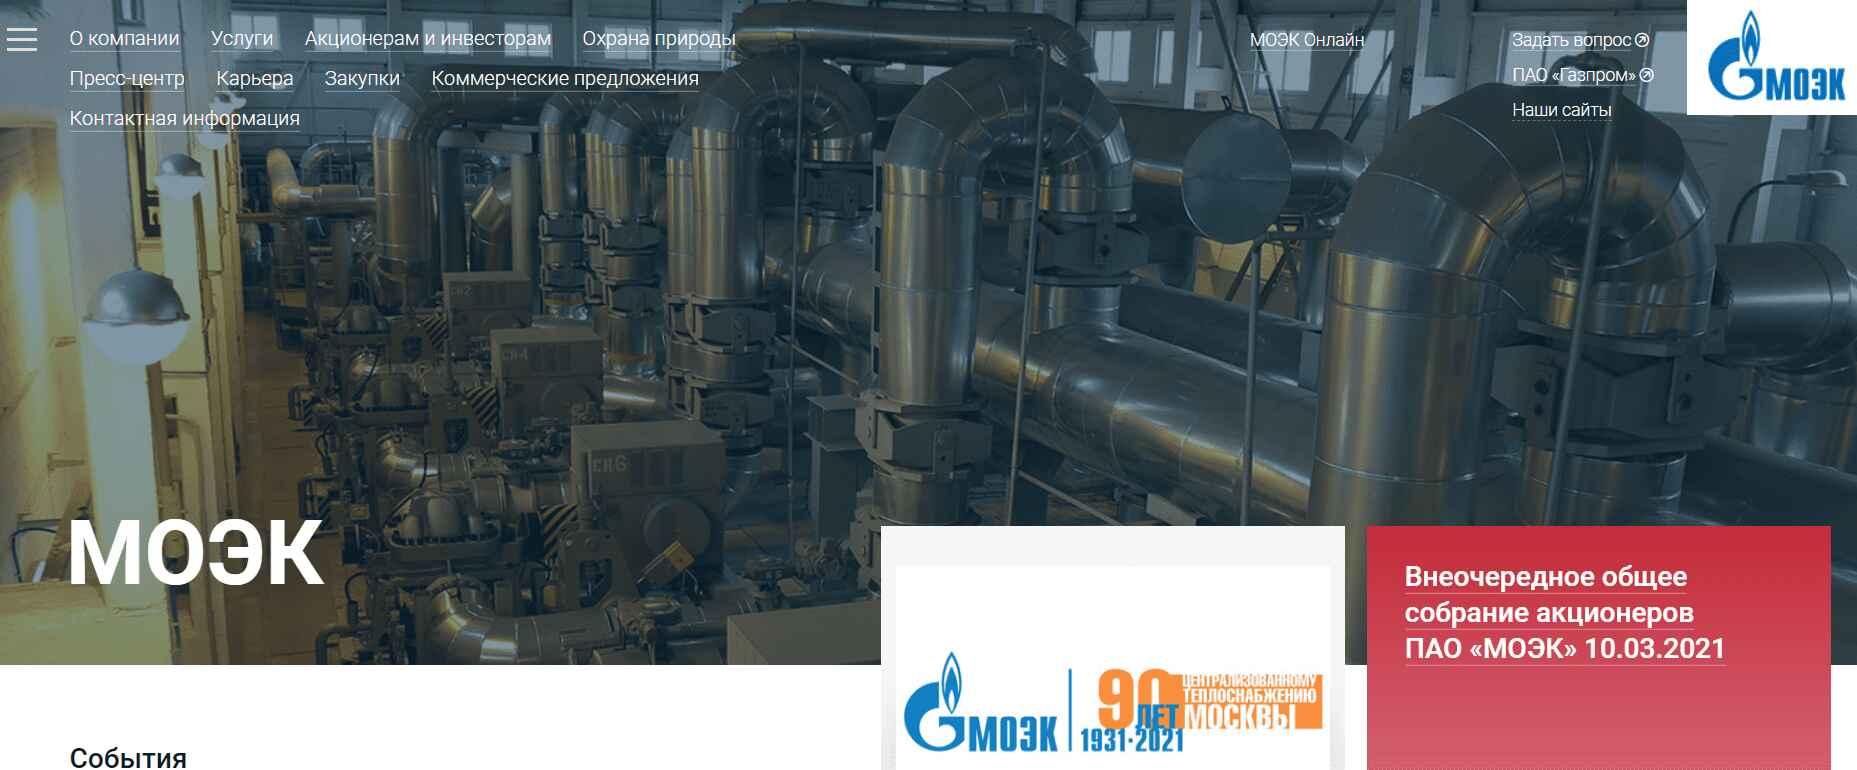 Официальный сайт теплоснабжающей организации Москвы ПАО «МОЭК»